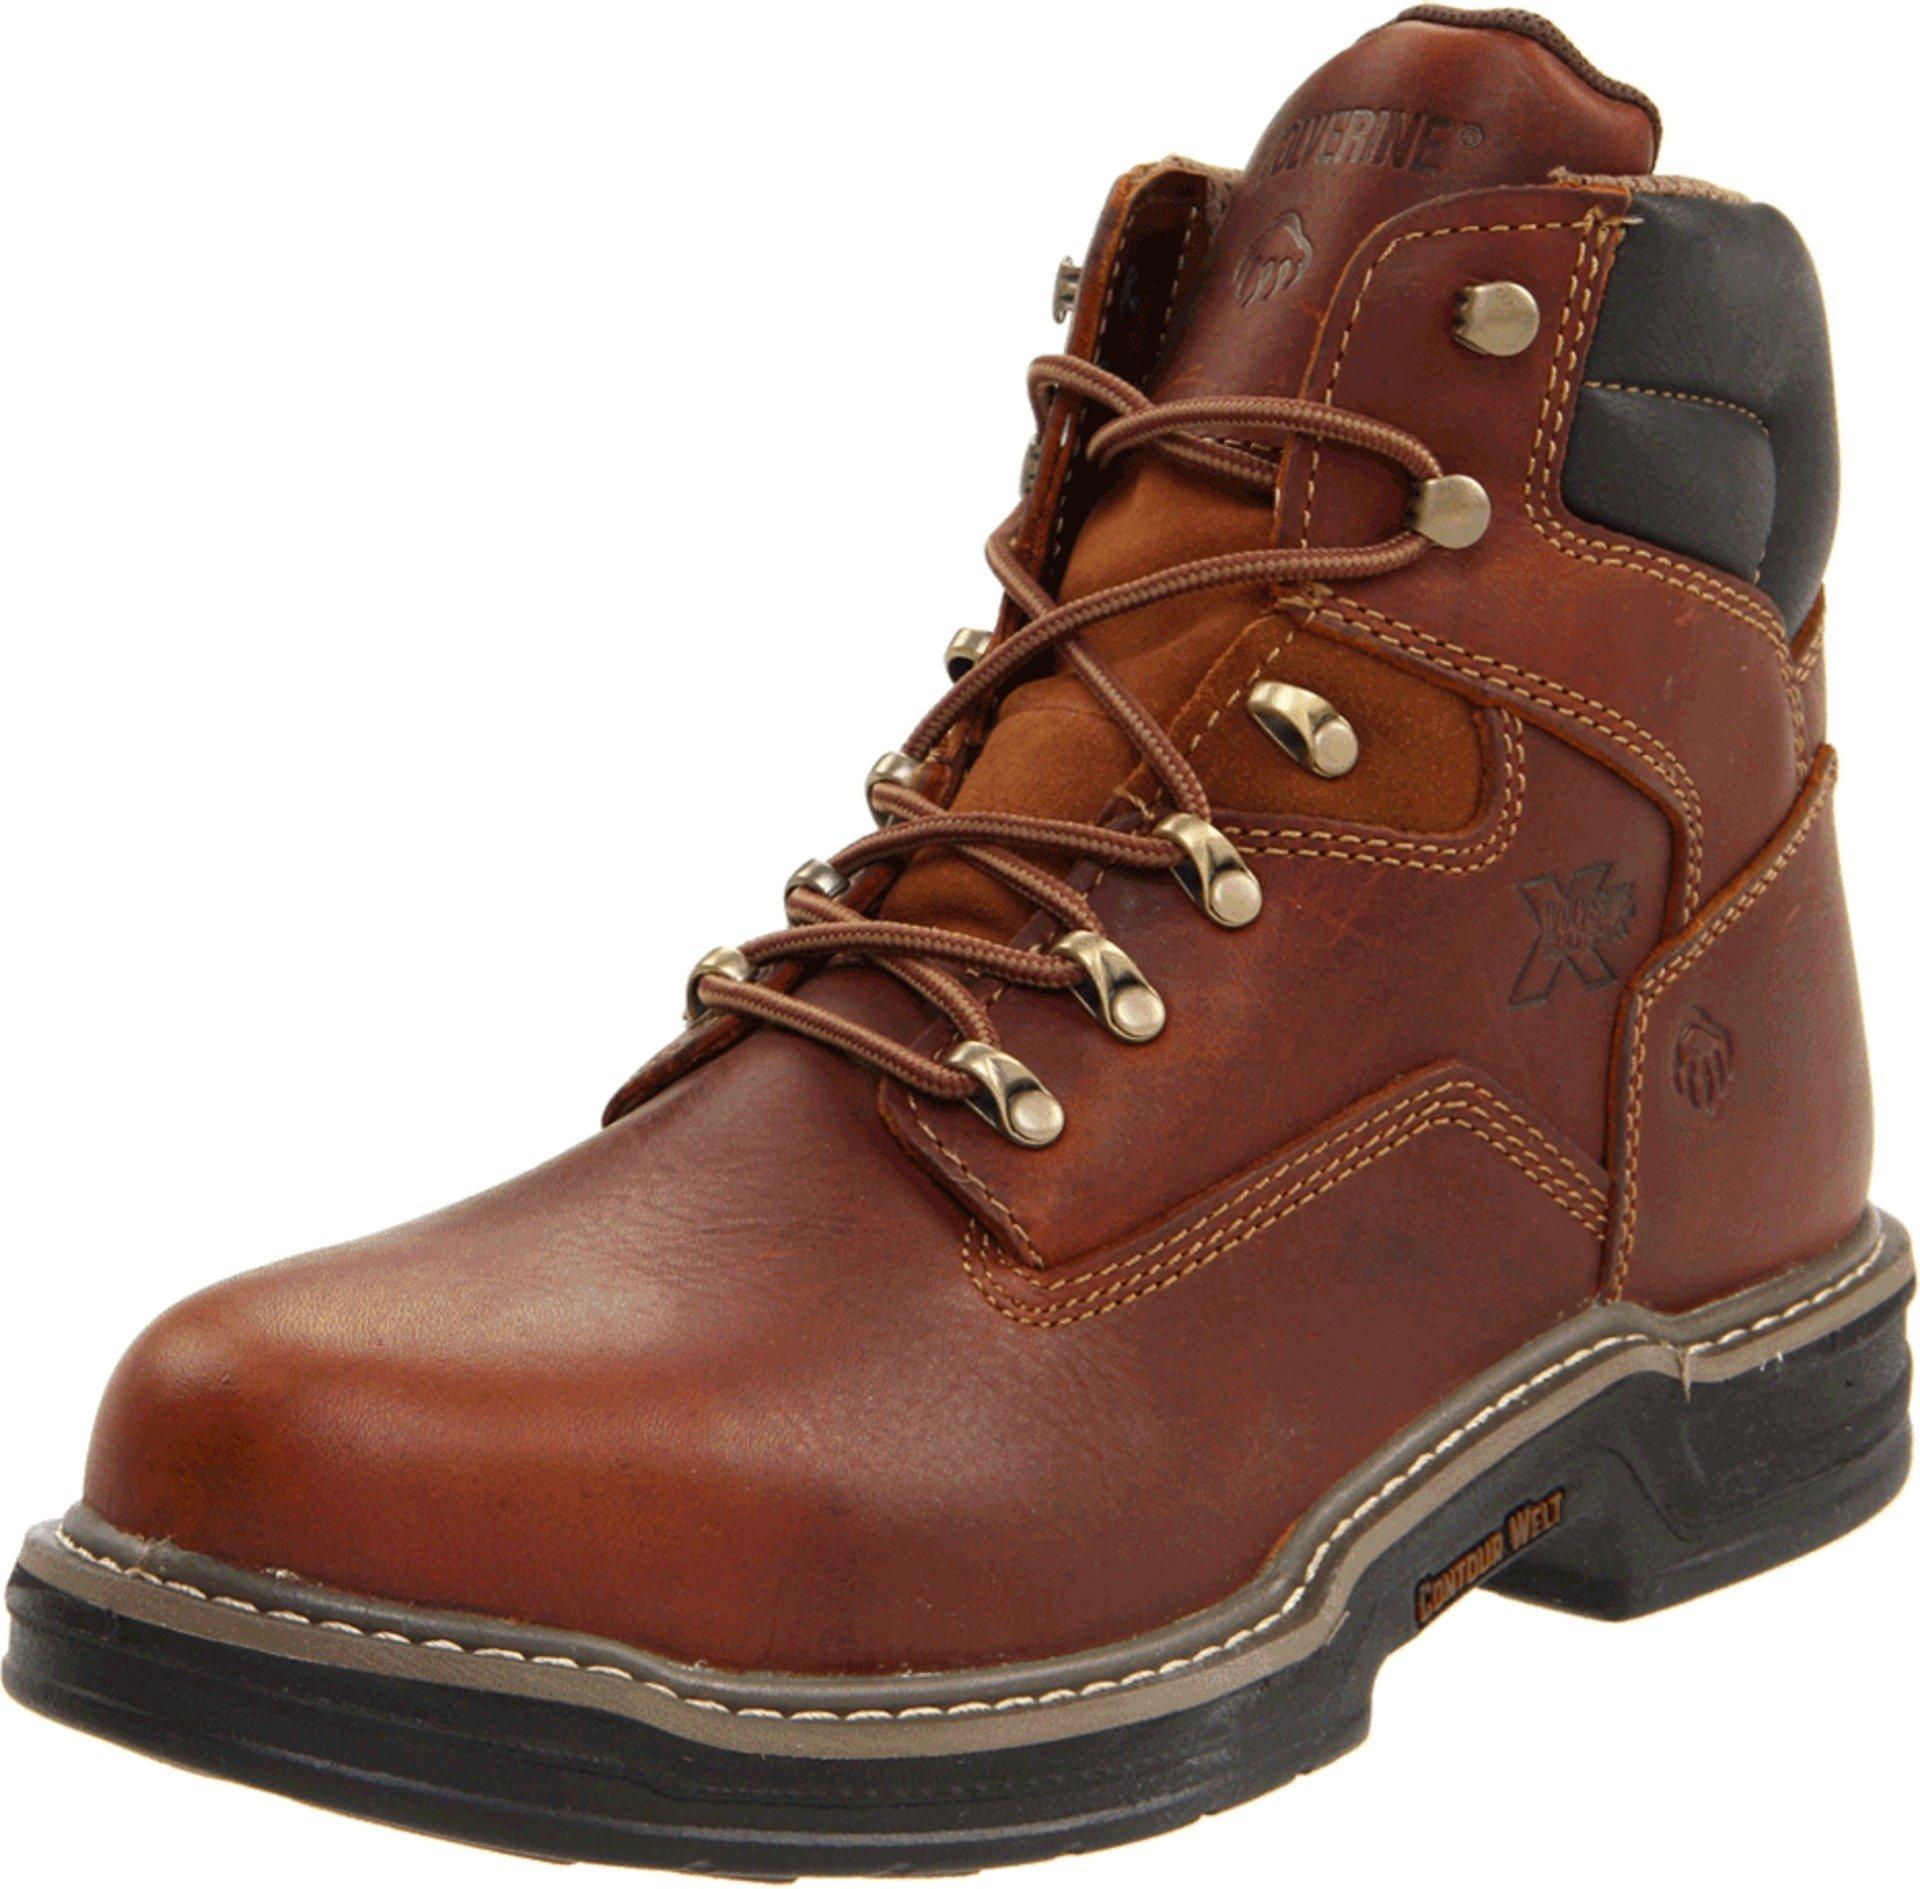 Wolverine Men's W02419 Raider Boot, Brown, 11 XW US